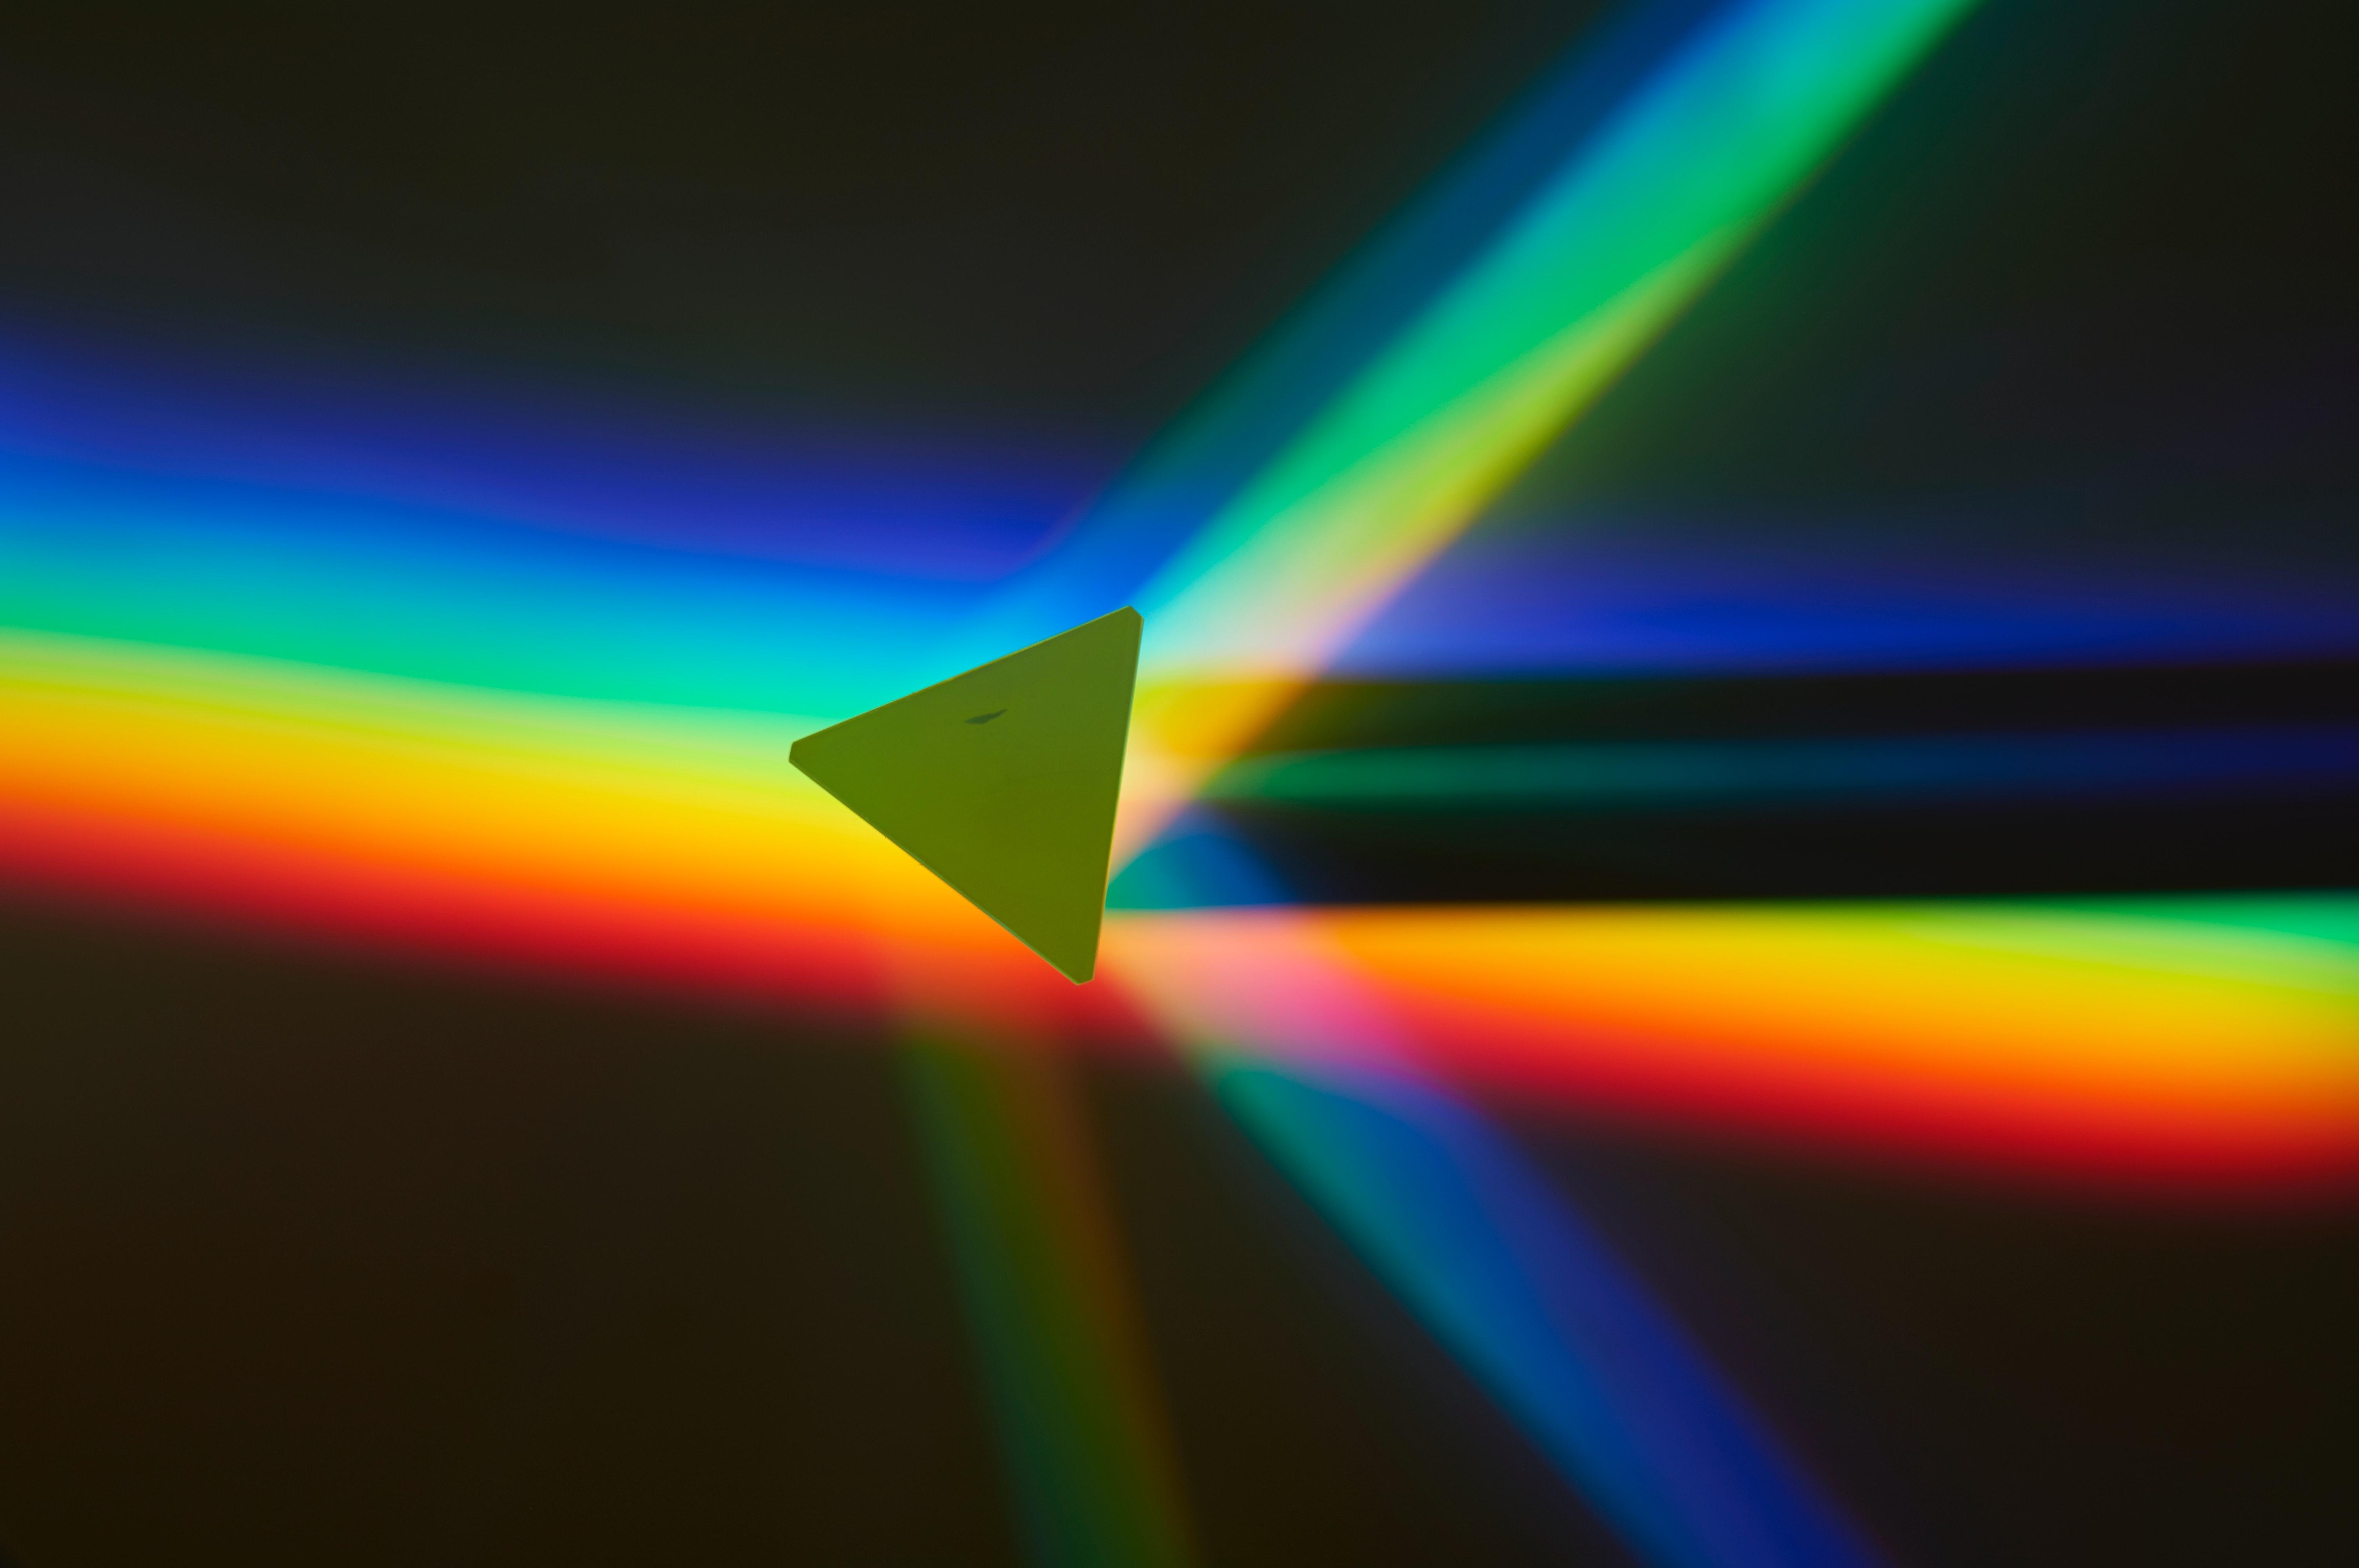 140643 免費下載壁紙 抽象, 三角形, 数字, 形状, 彩虹, 多彩多姿, 五颜六色 屏保和圖片